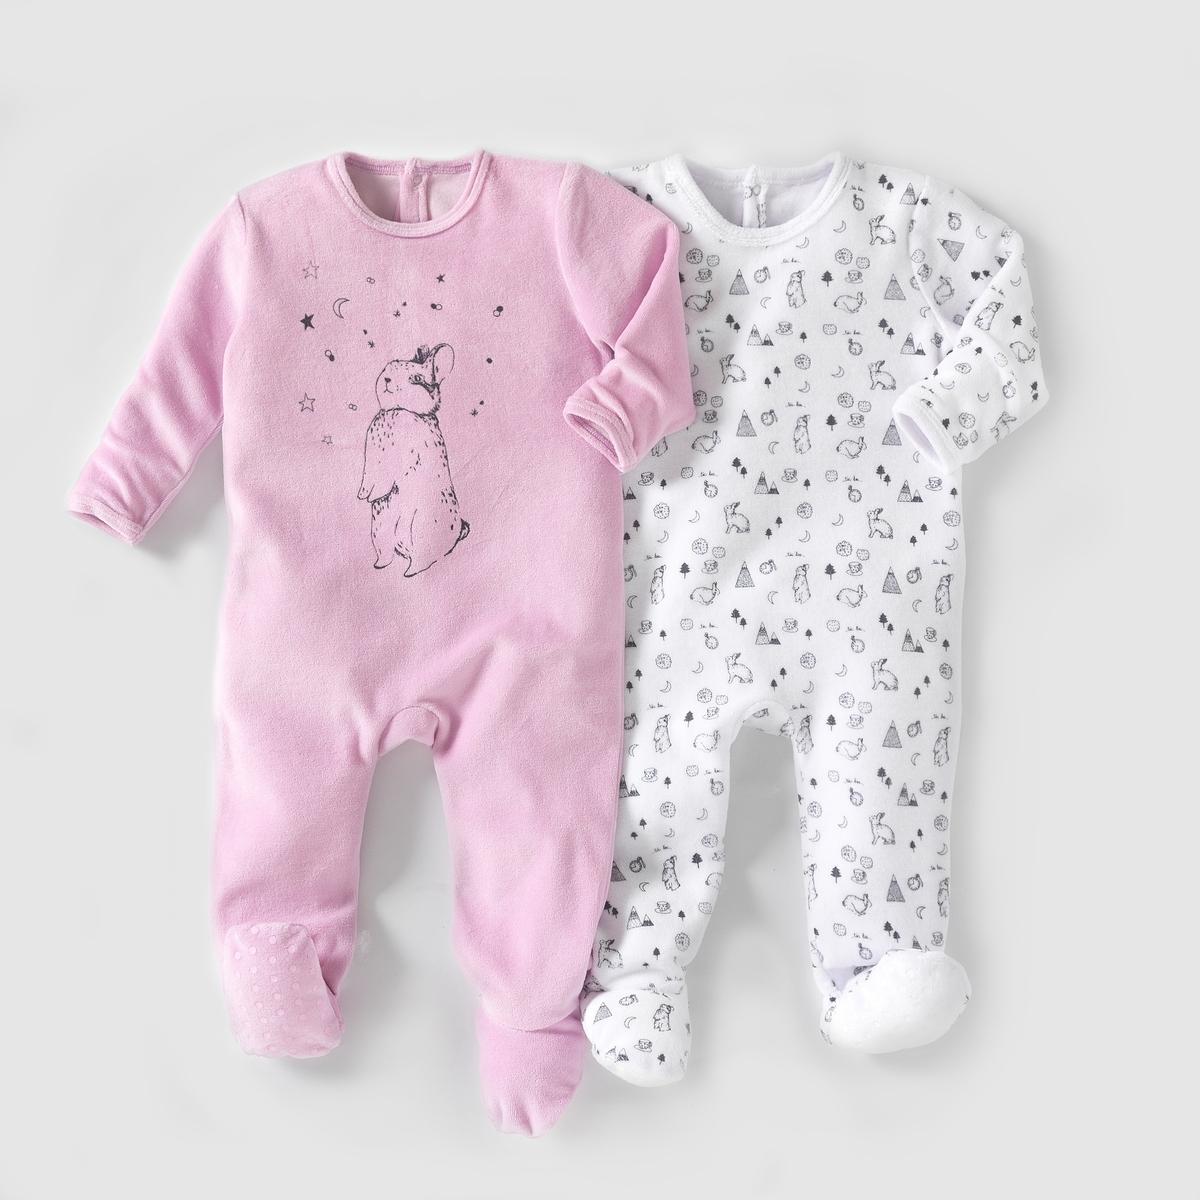 2 пижамы из велюра,  0 месяцев - 3 годаКомплект из 2 велюровых пижам. В комплект входят: 1 пижама с рисунком кролик + 1 однотонная пижама с рисунком кролик спереди. Клапан на кнопках и застежка на кнопки сзади. Нескользящая подошва начиная с размера 74 см (12 месяцев), эластичные вставки сзади для лучшей поддержки. Состав и описаниеМатериал: 75% хлопка, 25% полиэстера.Марка:    R mini УходСтирать и гладить с изнанки.Машинная стирка при 30°С в умеренном режиме с вещами подобных цветов.Машинная сушка в умеренном режиме.Гладить на средней температуре.<br><br>Цвет: белый + фиолетовый